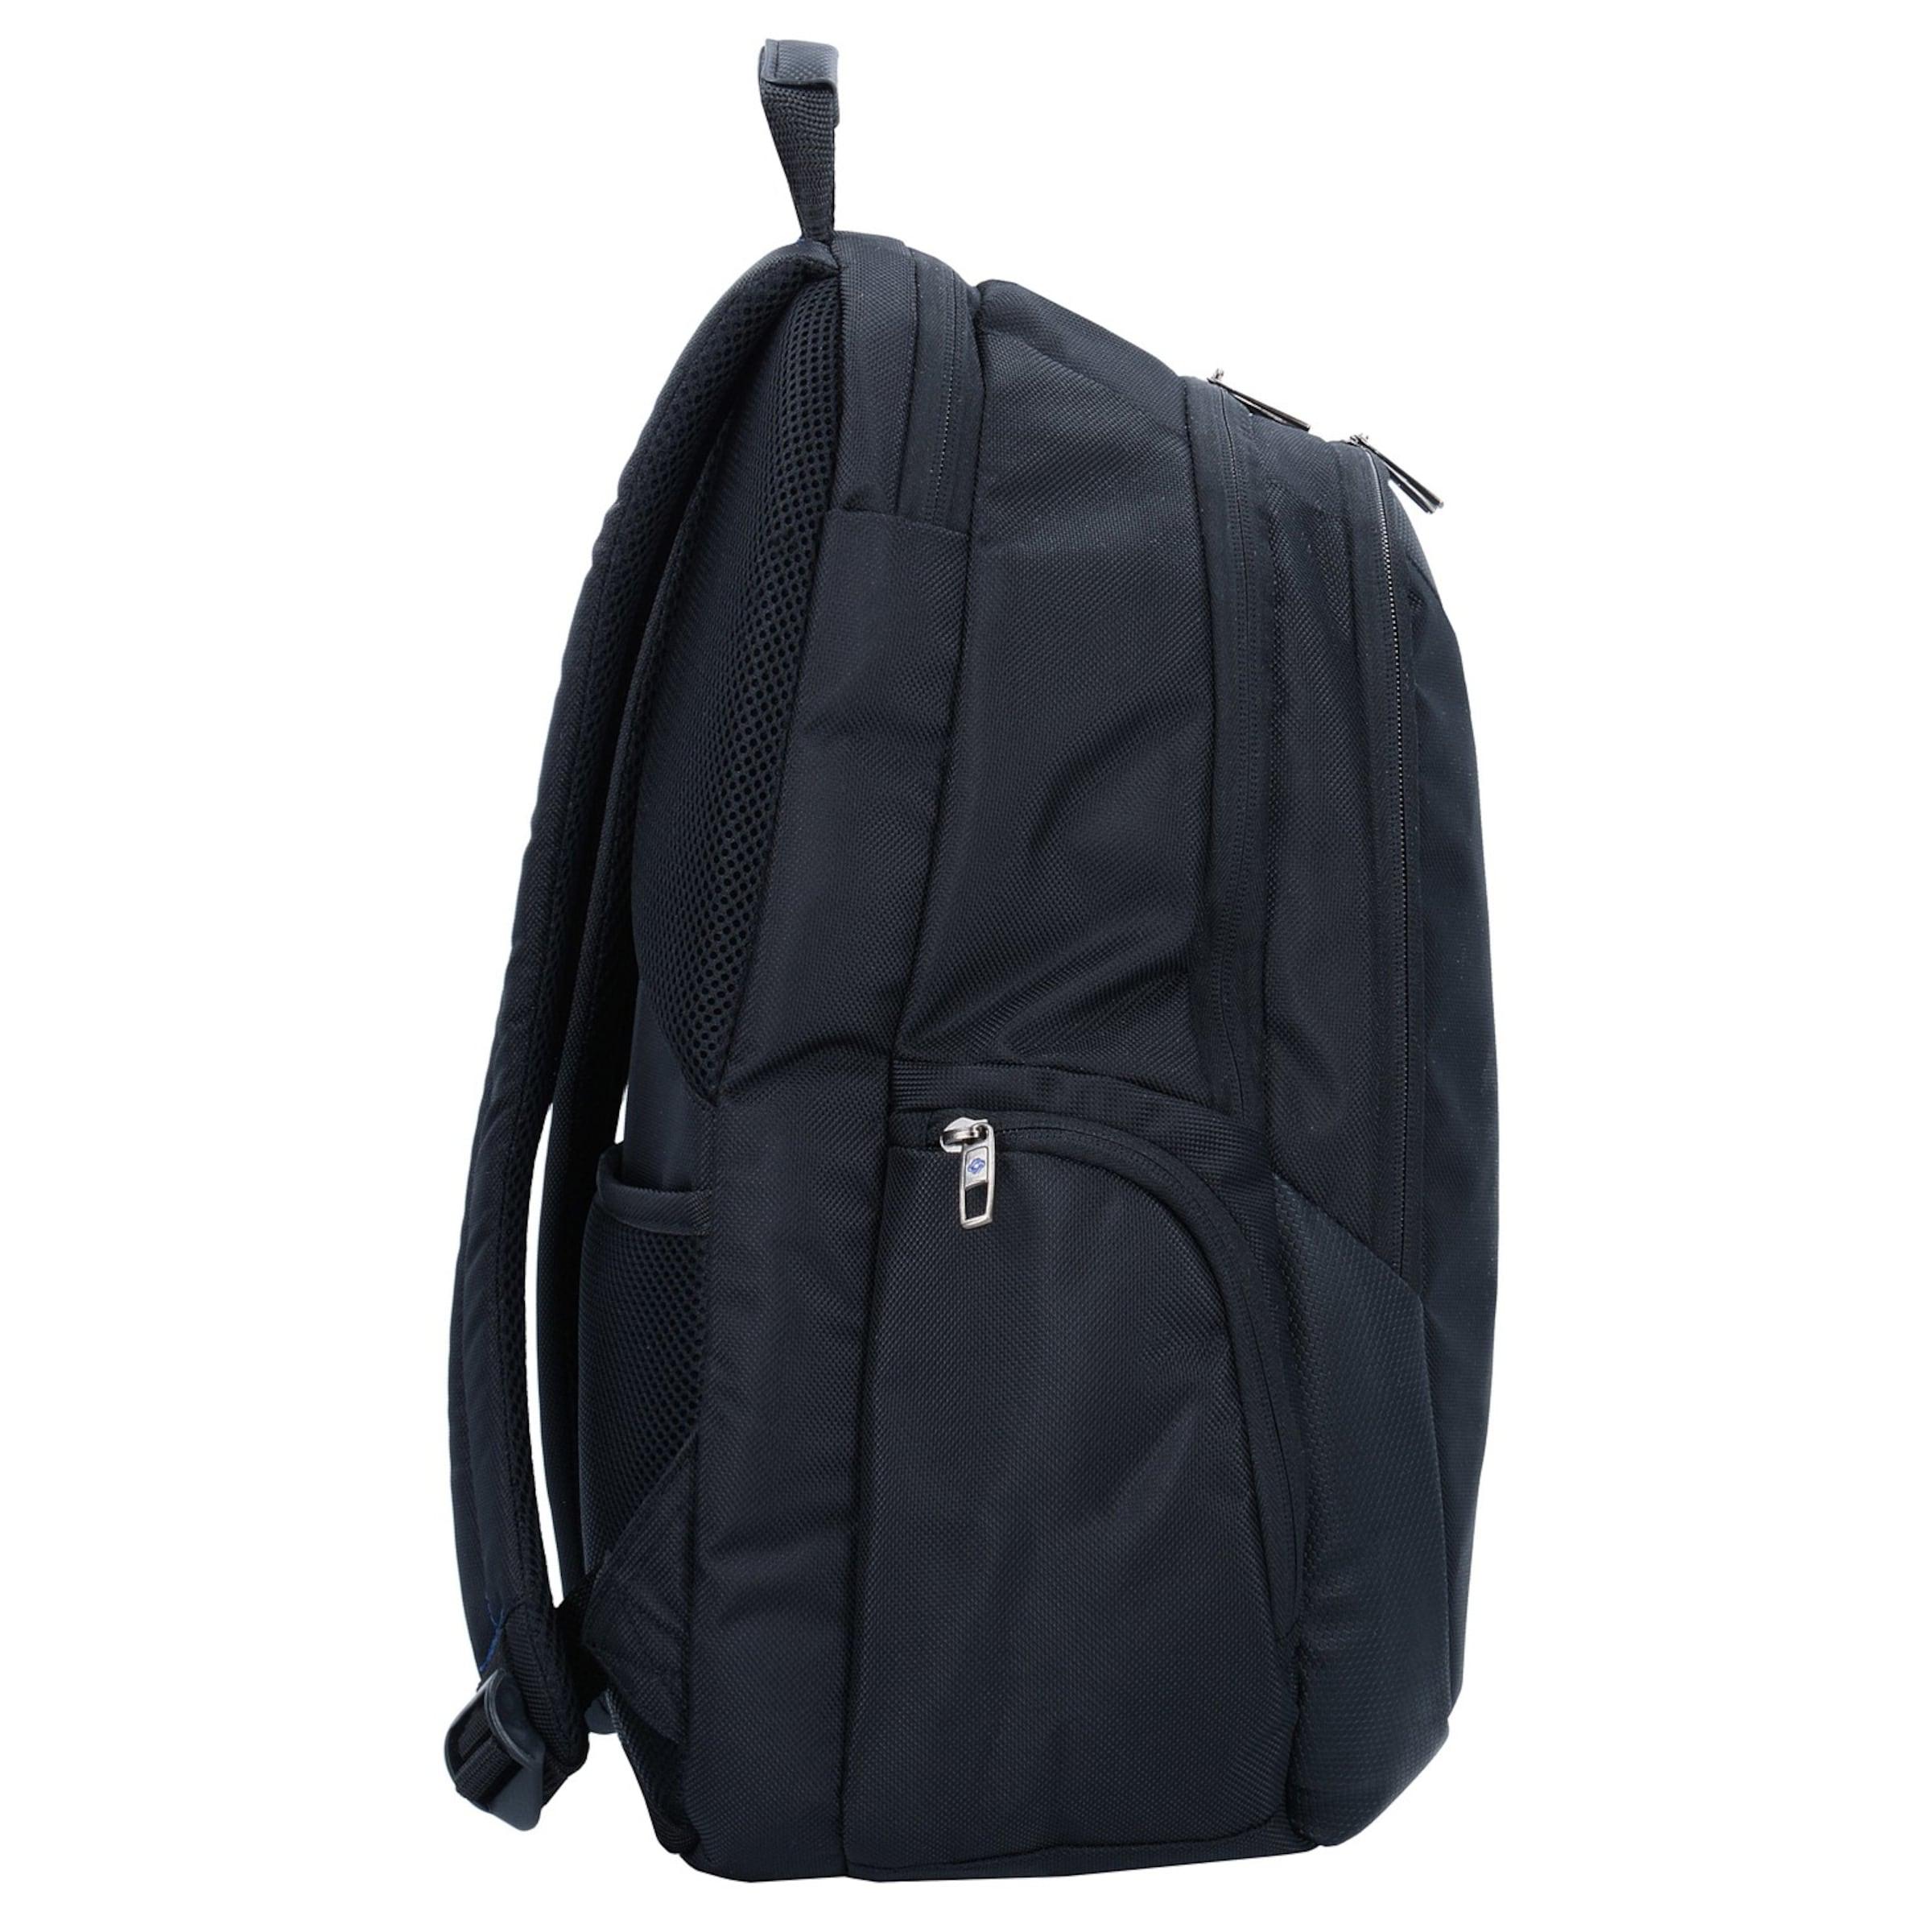 SAMSONITE Guardit up Rucksack 44 cm Laptopfach Manchester Großer Verkauf Günstig Online Verkauf Footlocker Ausverkauf KI3UXhaa